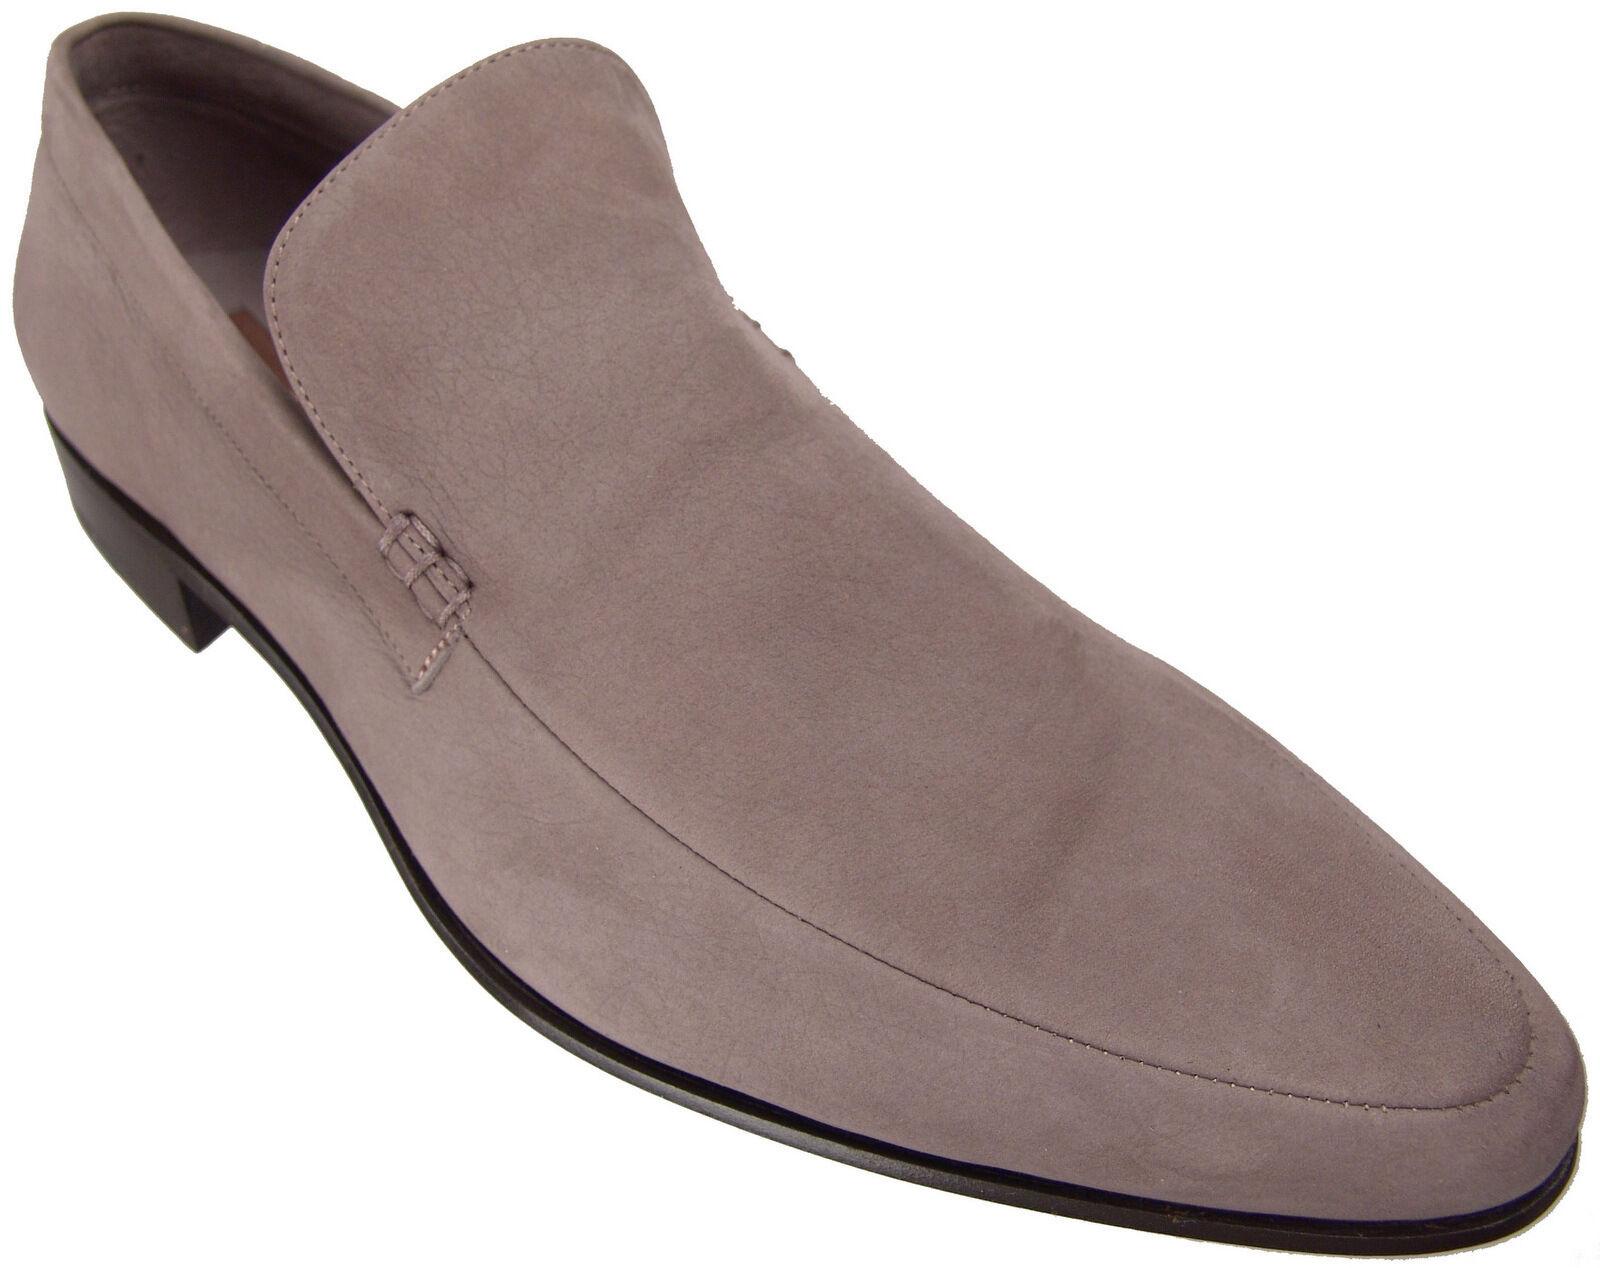 Auténtico  680 Cesare Paciotti US 10.5 Elegante Mocasines Zapatos De Diseñador Italiano